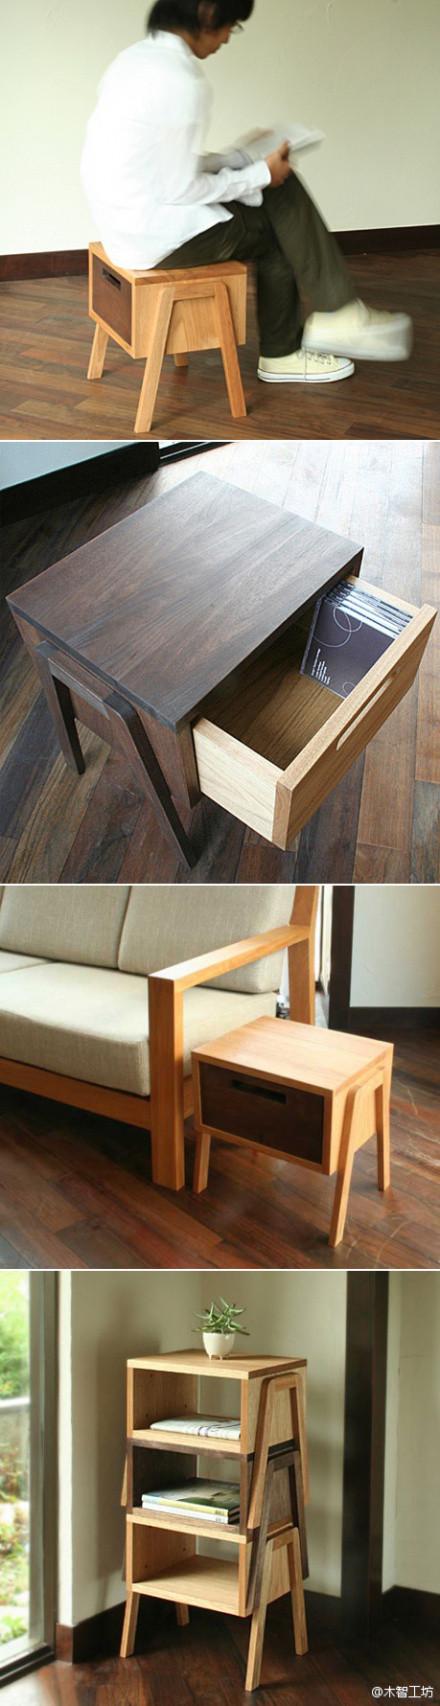 既是边桌,也是矮凳,还可以堆放起来成为一个置物架。设计师Daisuke Shimizu的作品Tokotoko stool。